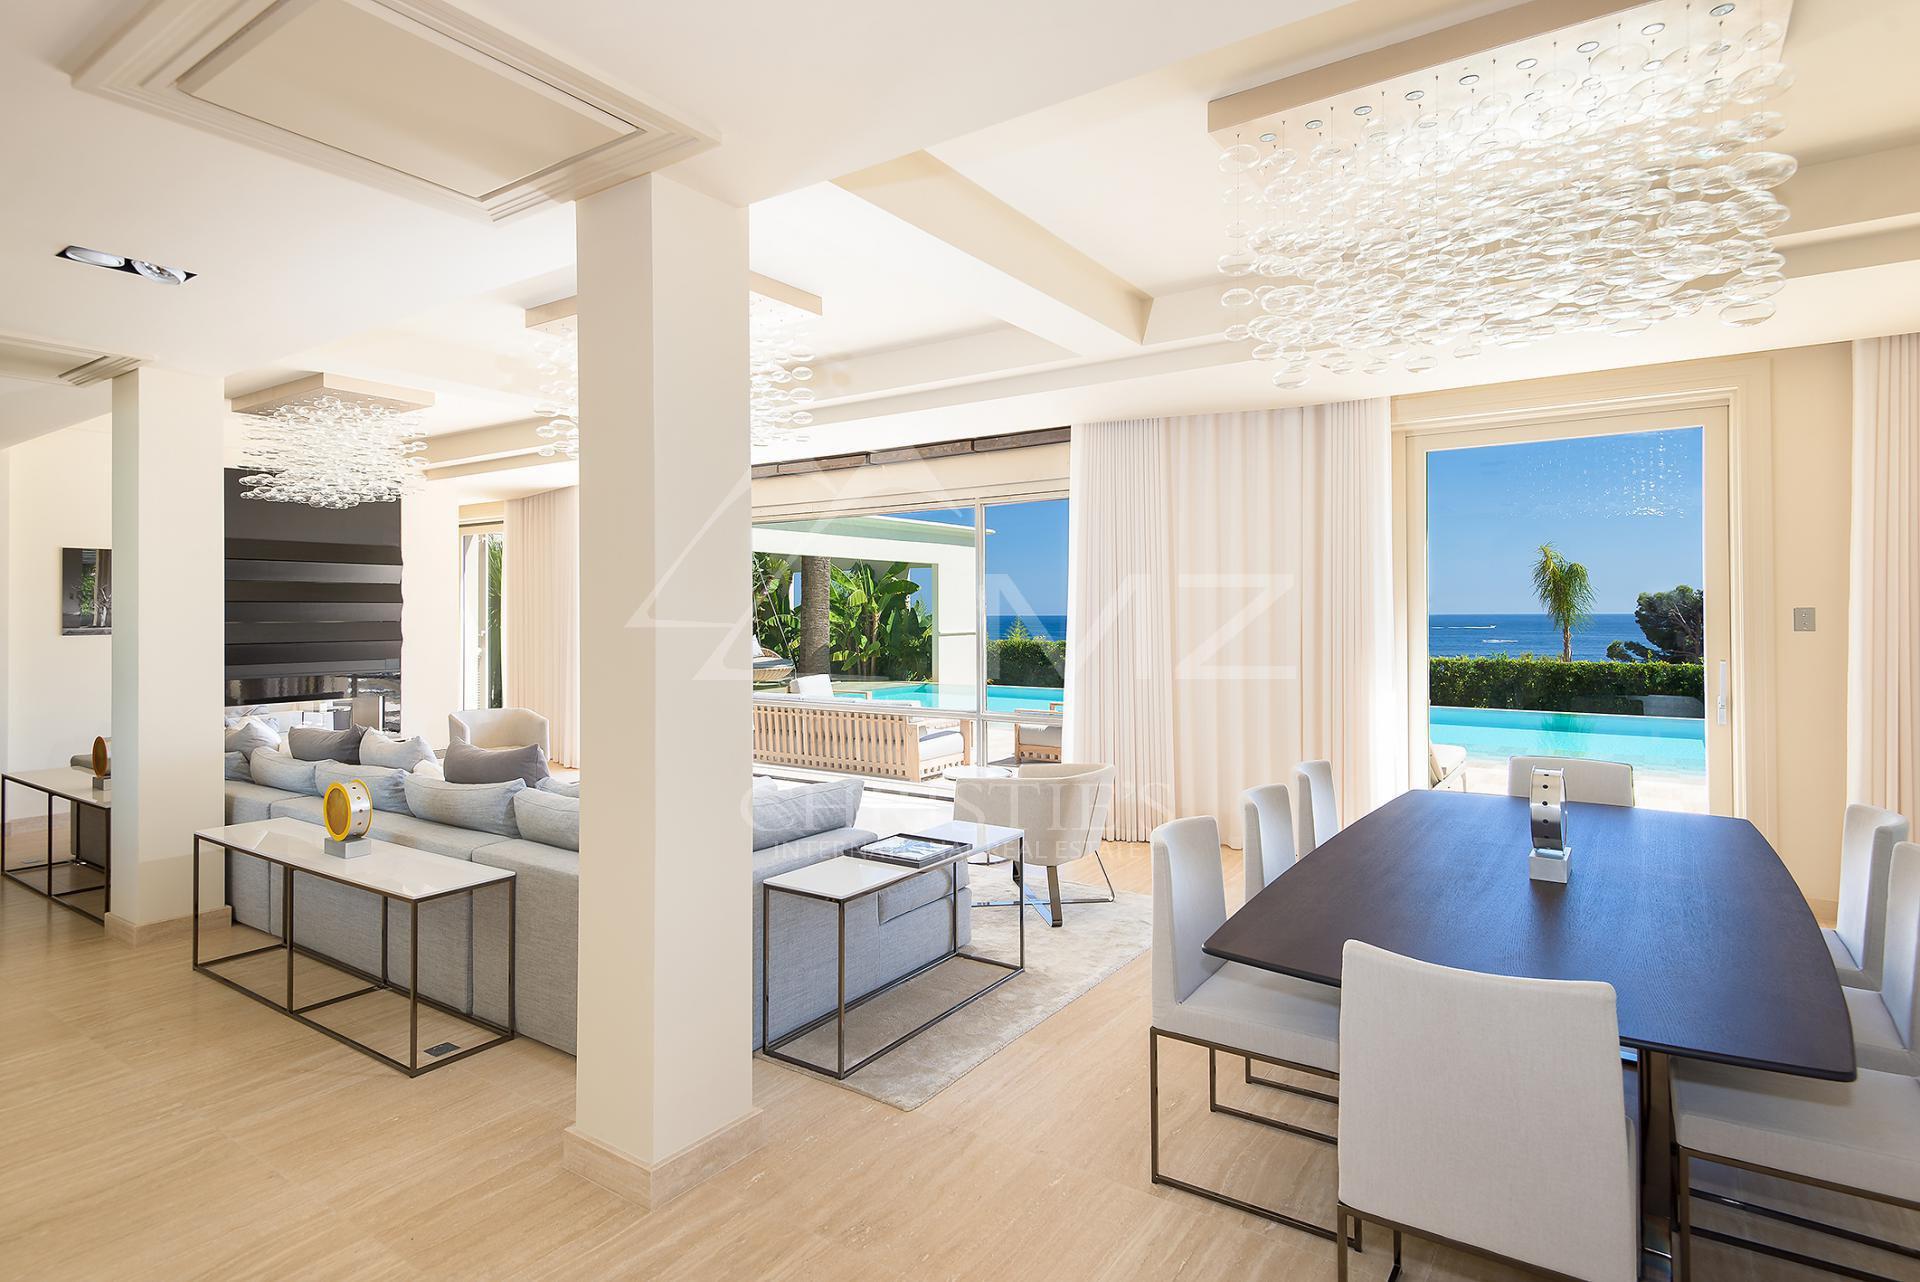 zum verkauf angeboten in eze haus 600 m2 7 zimmer. Black Bedroom Furniture Sets. Home Design Ideas